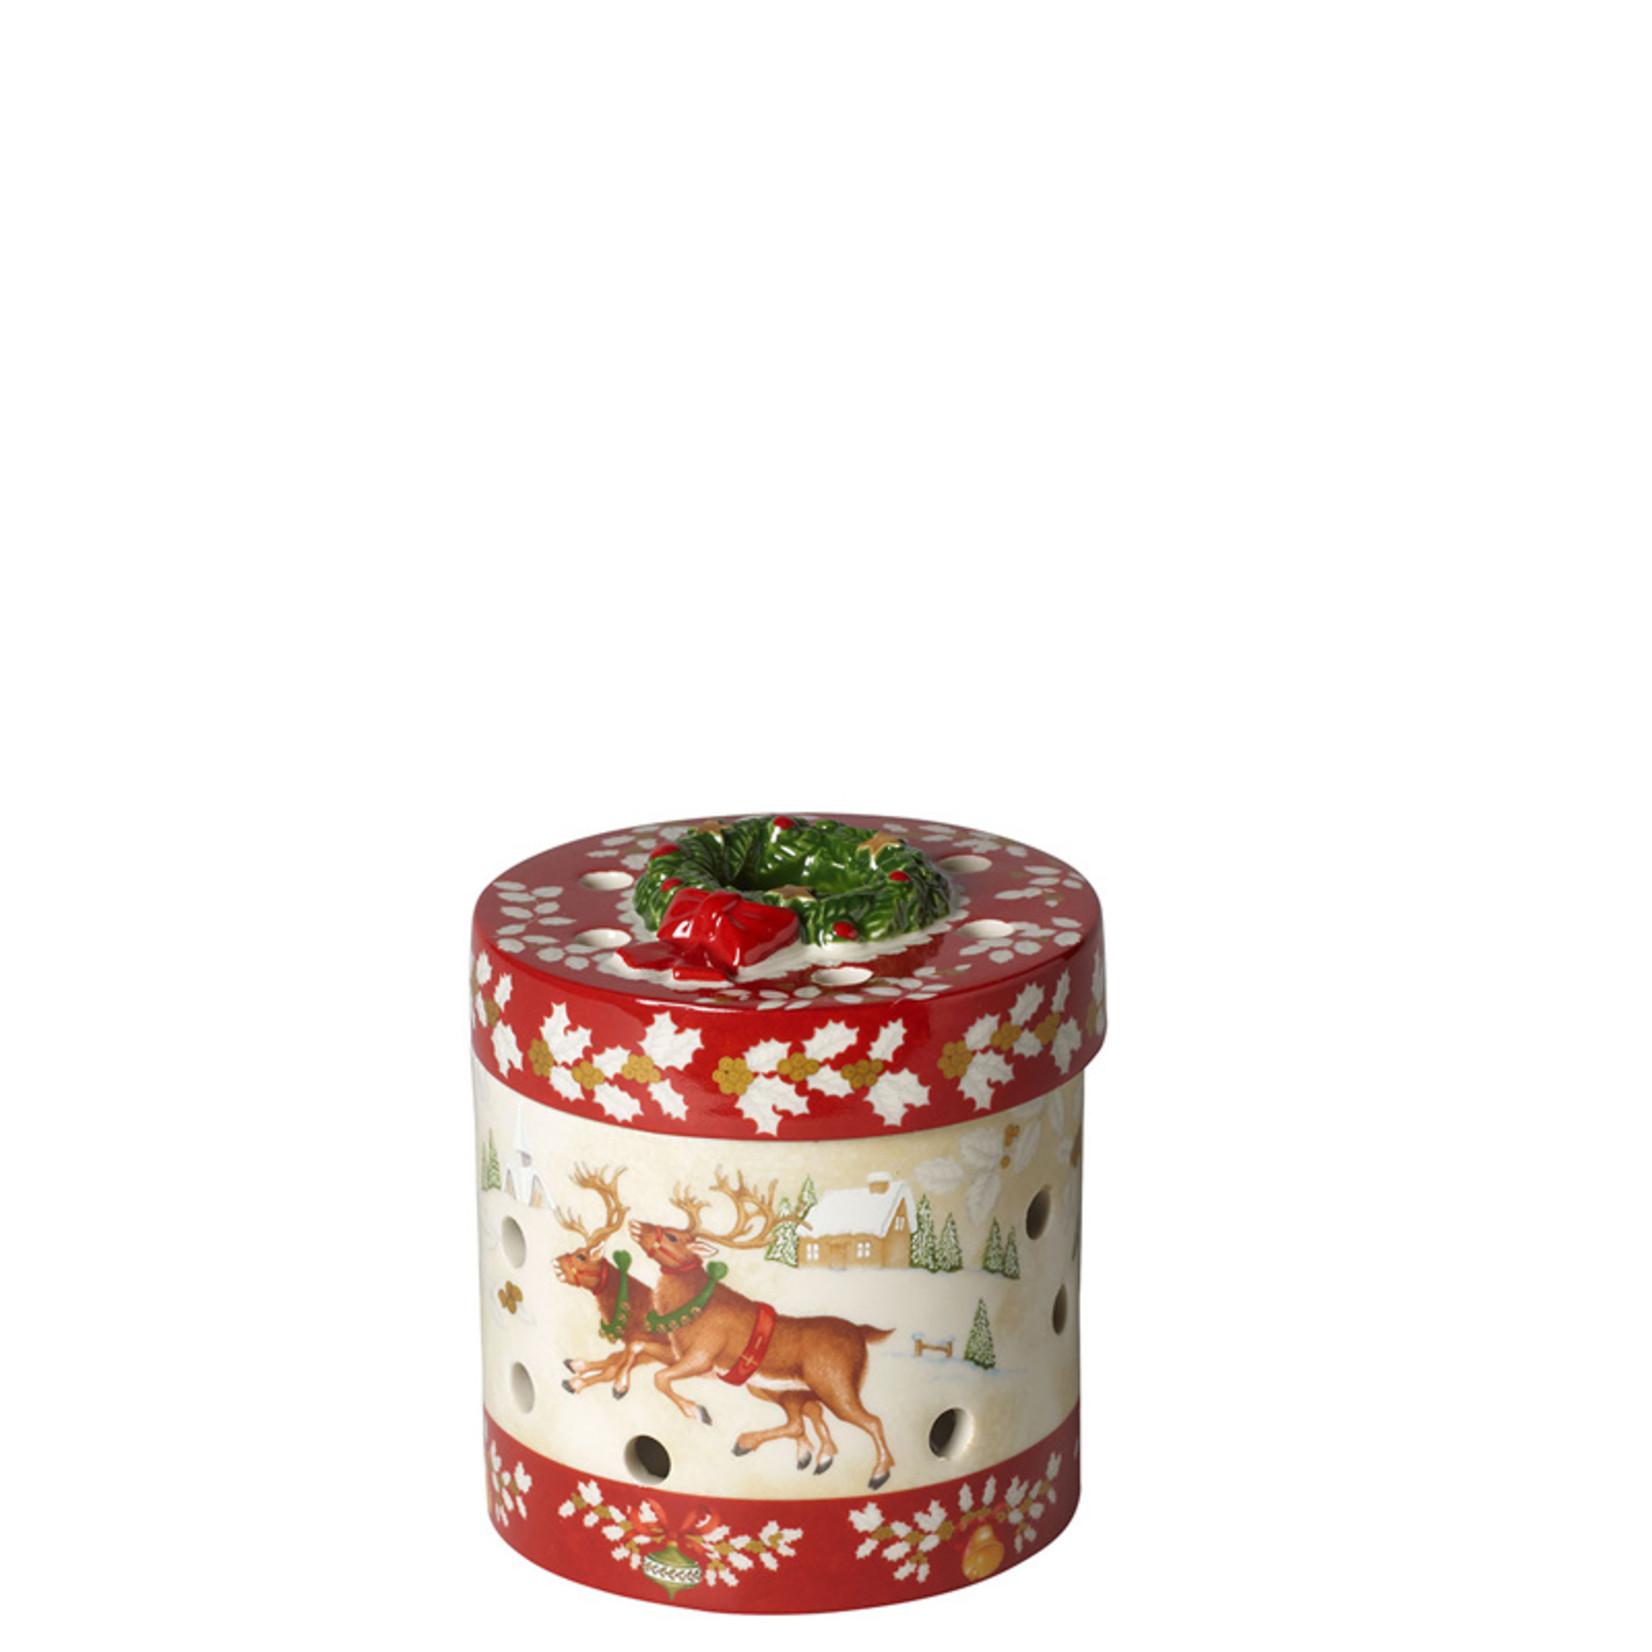 Villeroy & Boch  Windlicht, rund   Villeroy & Boch   Geschenkpaket   Christmas Toys